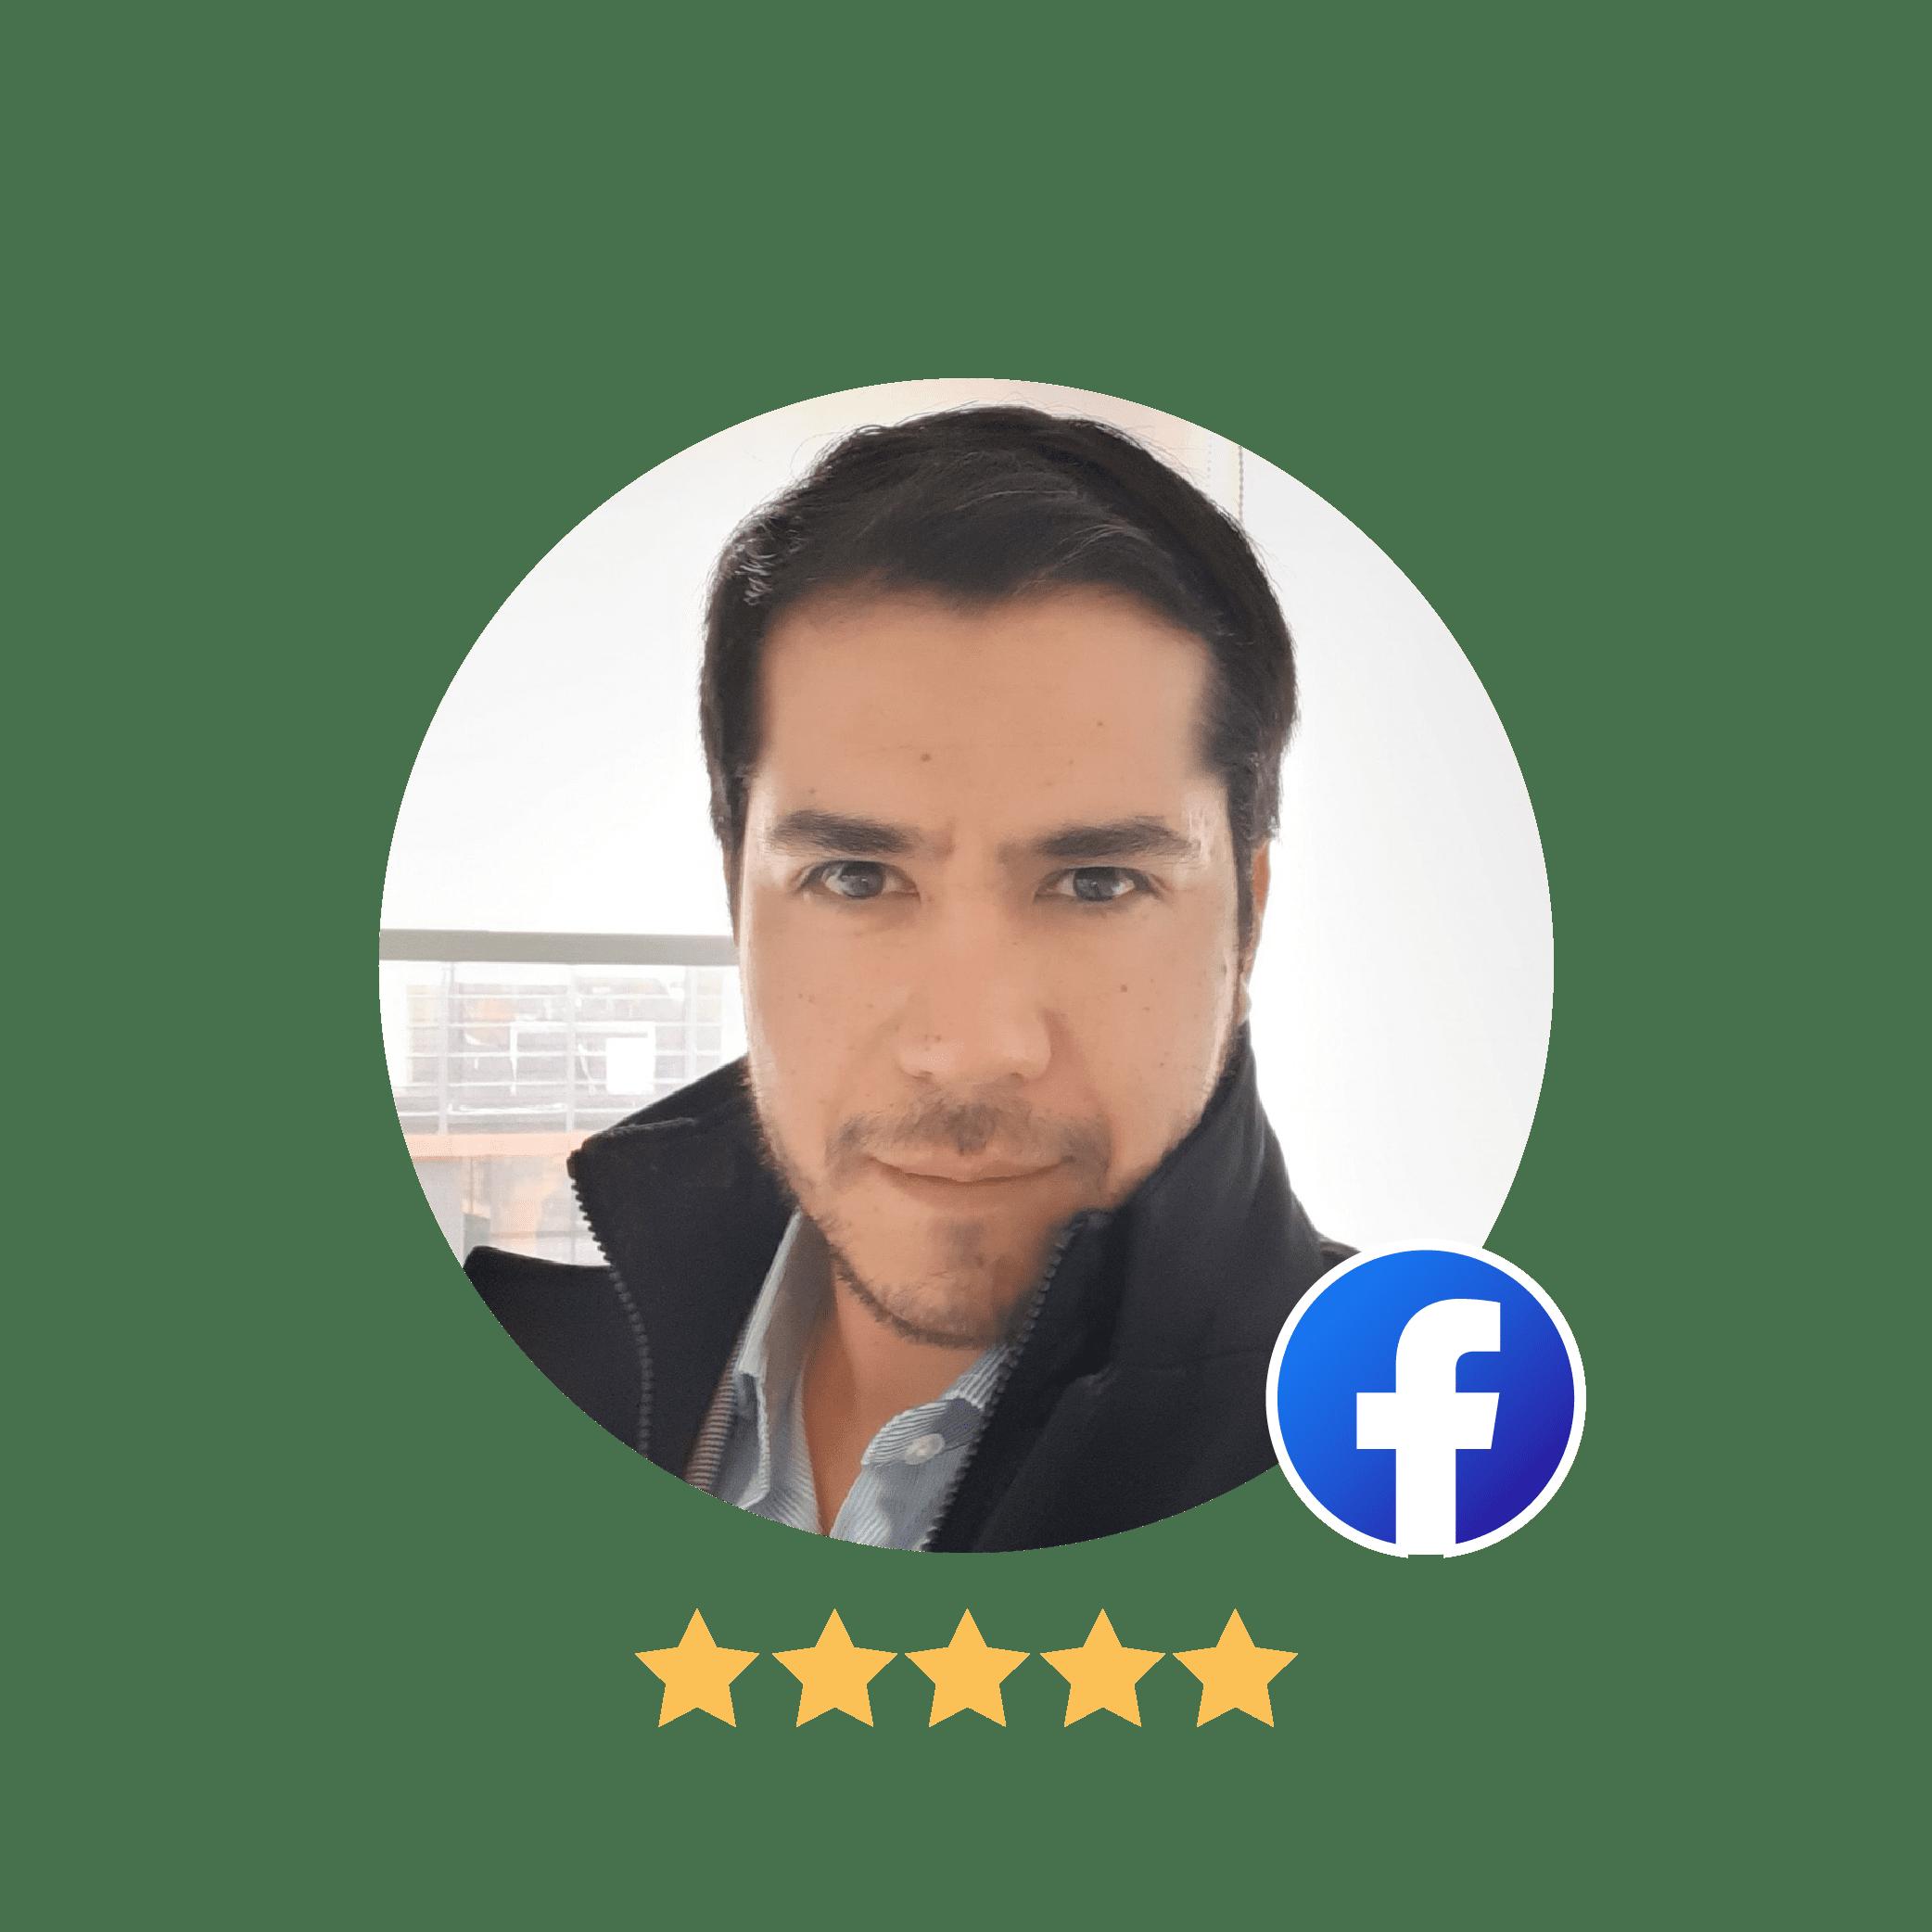 Cliente de Grupo Premium Claudio Cuevas